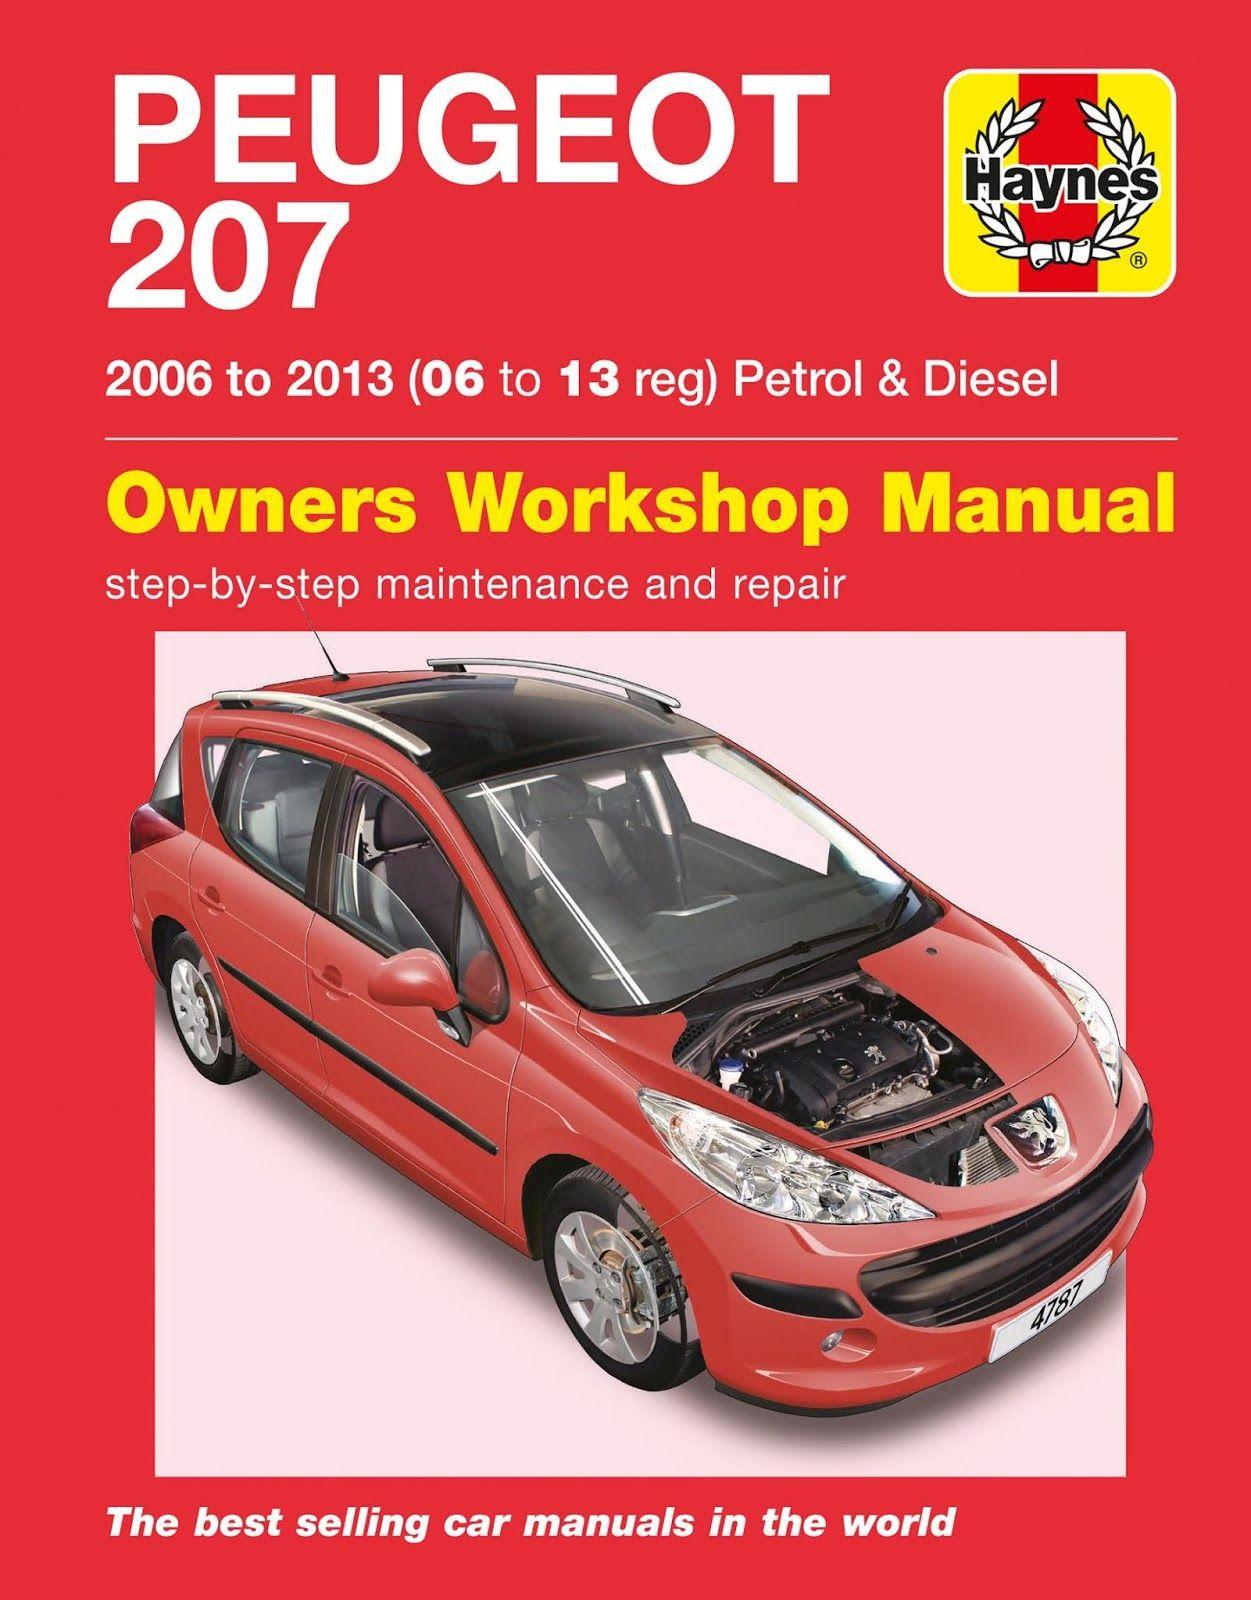 Peugeot 207 Repair Service Manual